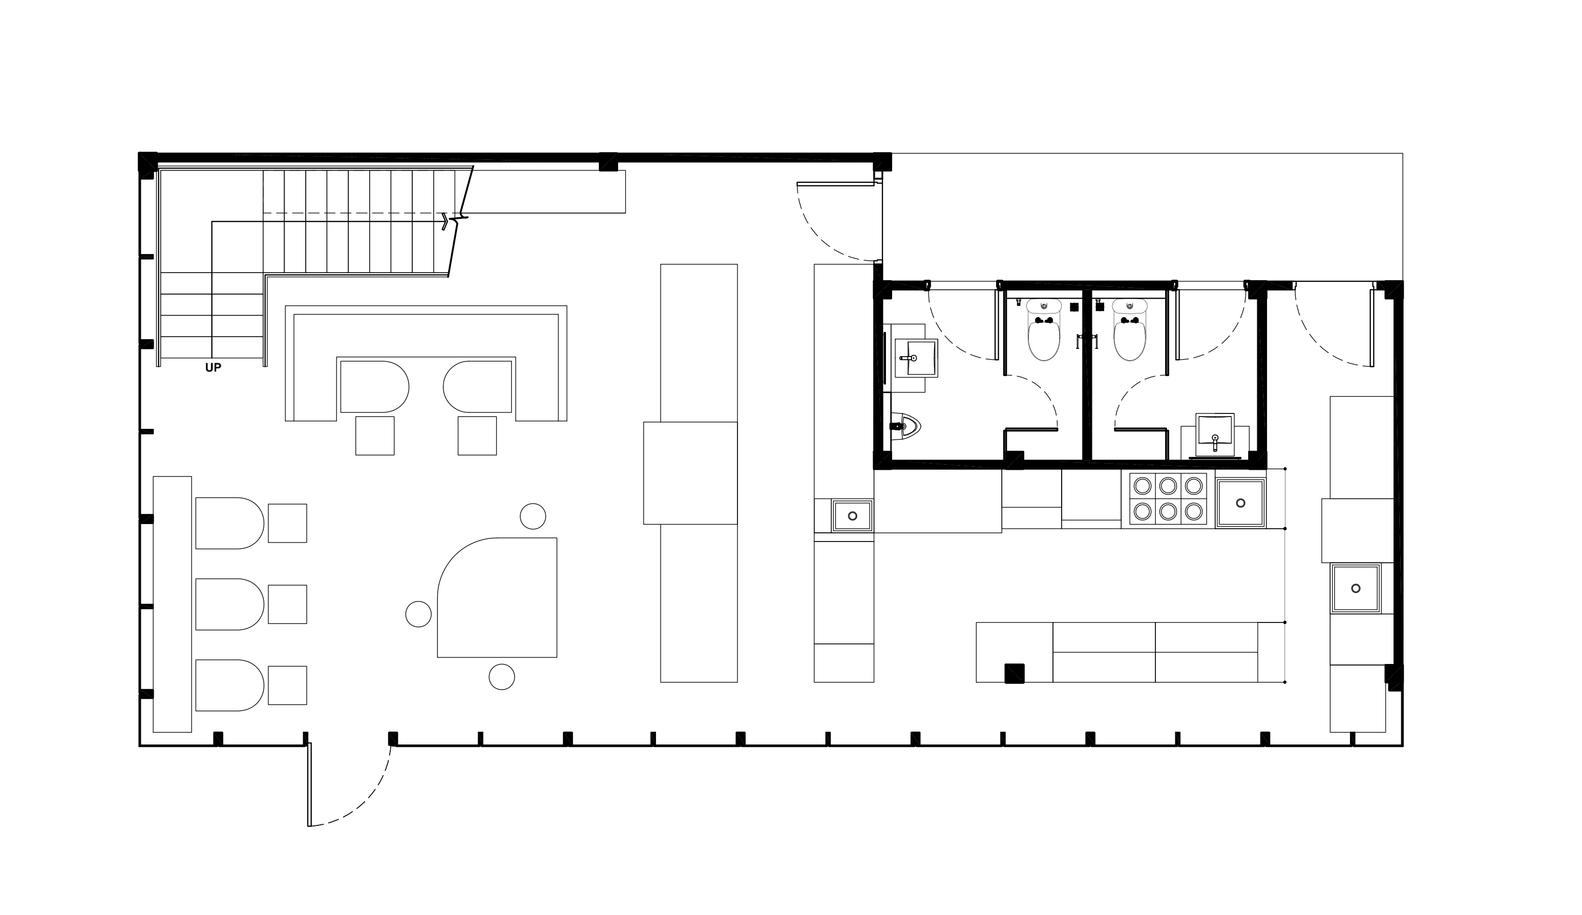 صاحب کافه قصد داشته به جای حس یک فضای صرفا مینیمال و مدرن، حس و حال دنج و گرمی به فضا بدهد.